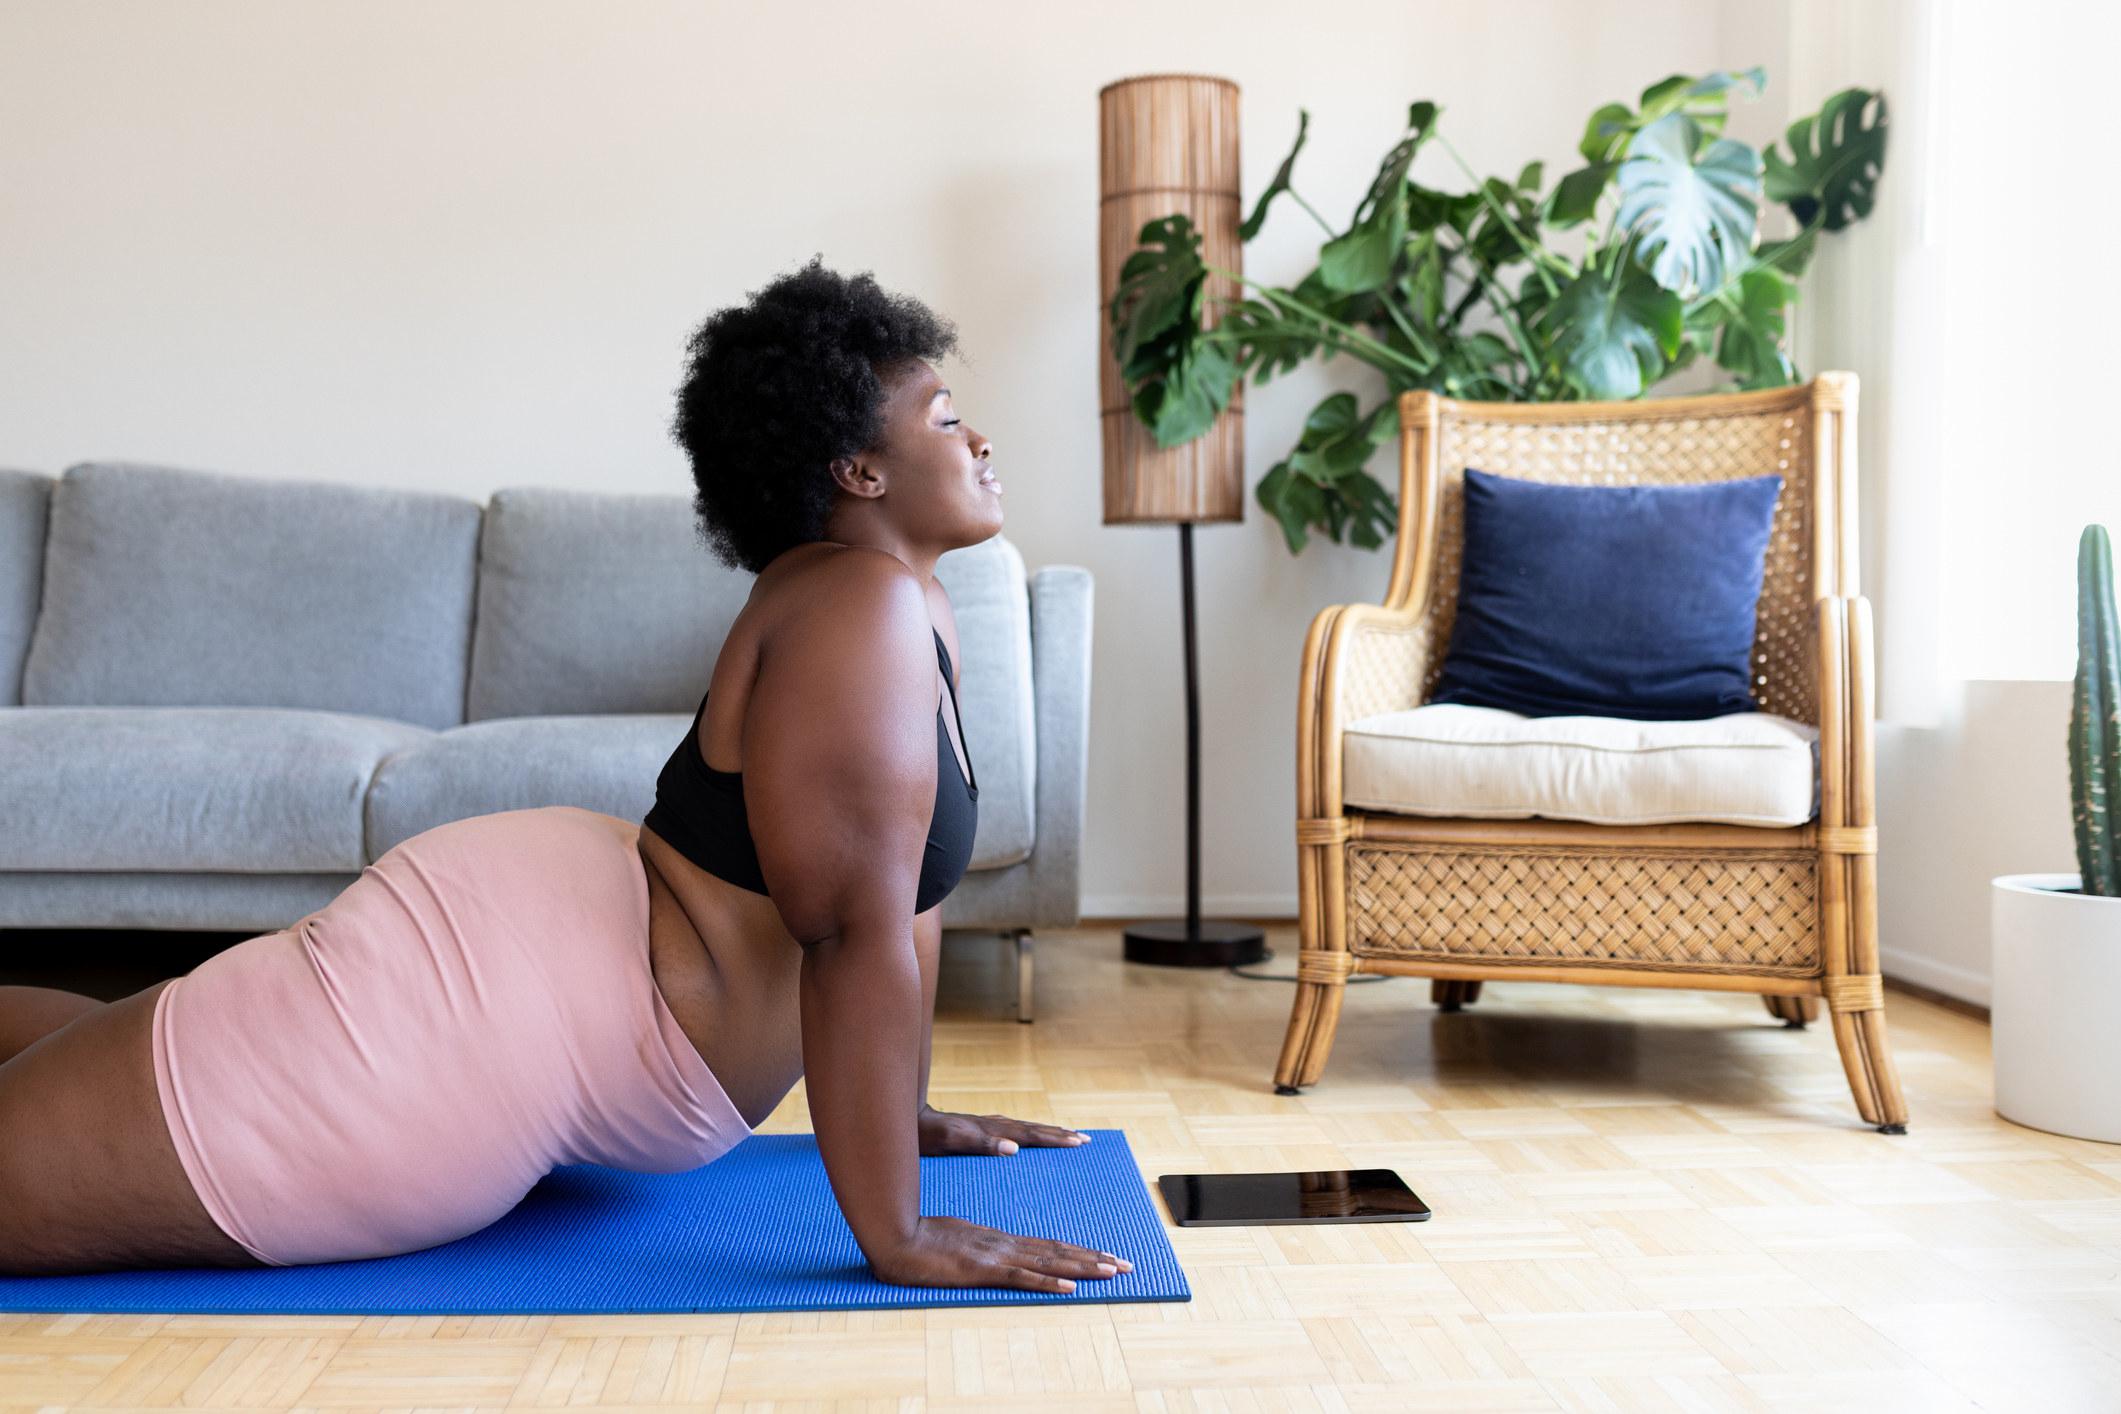 A woman doing yoga on the floor